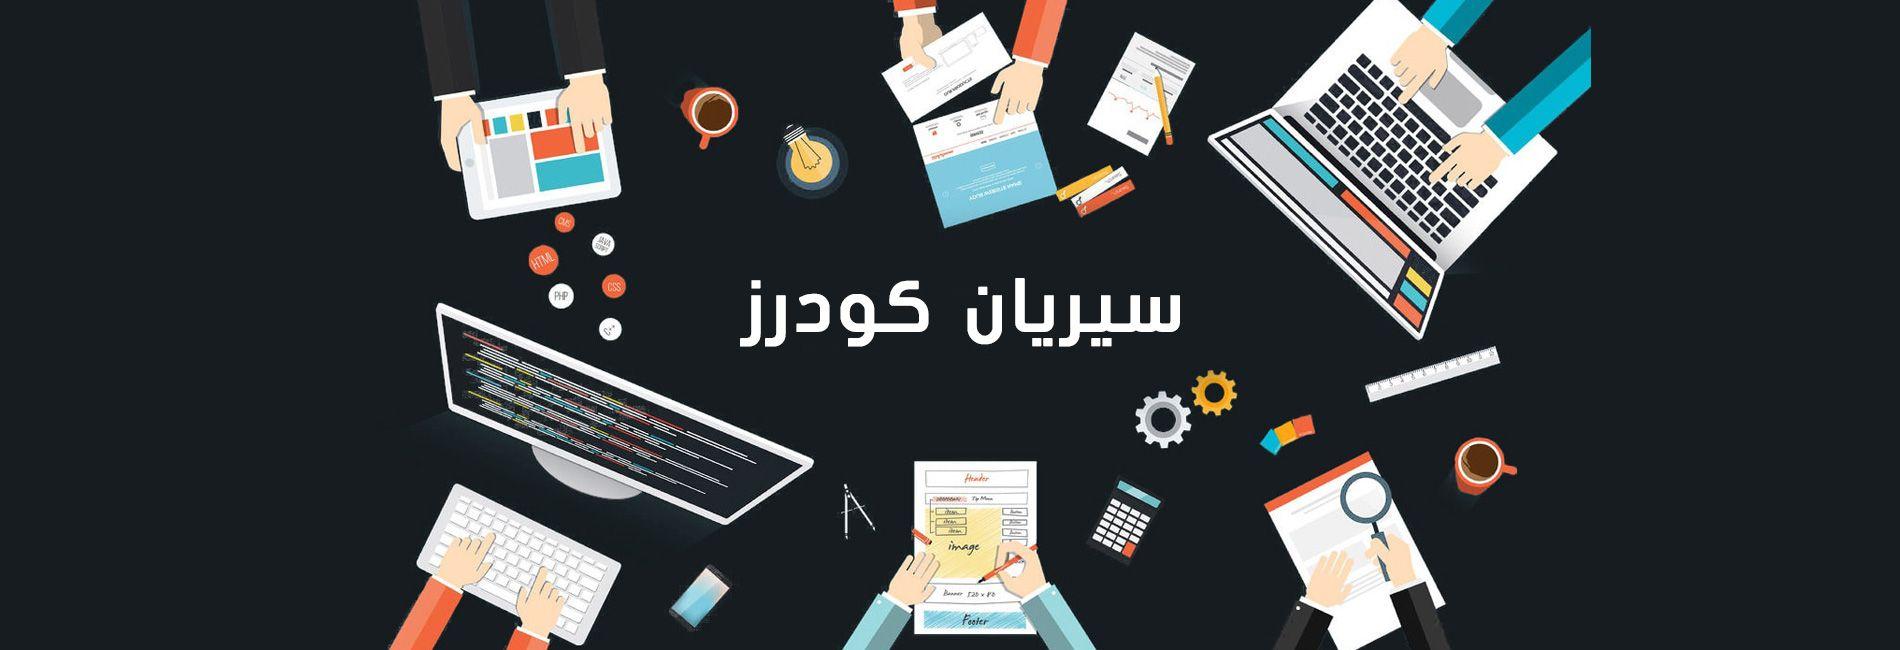 شركة تصميم مواقع انترنت في تركيا | شركة سيريان كودرز